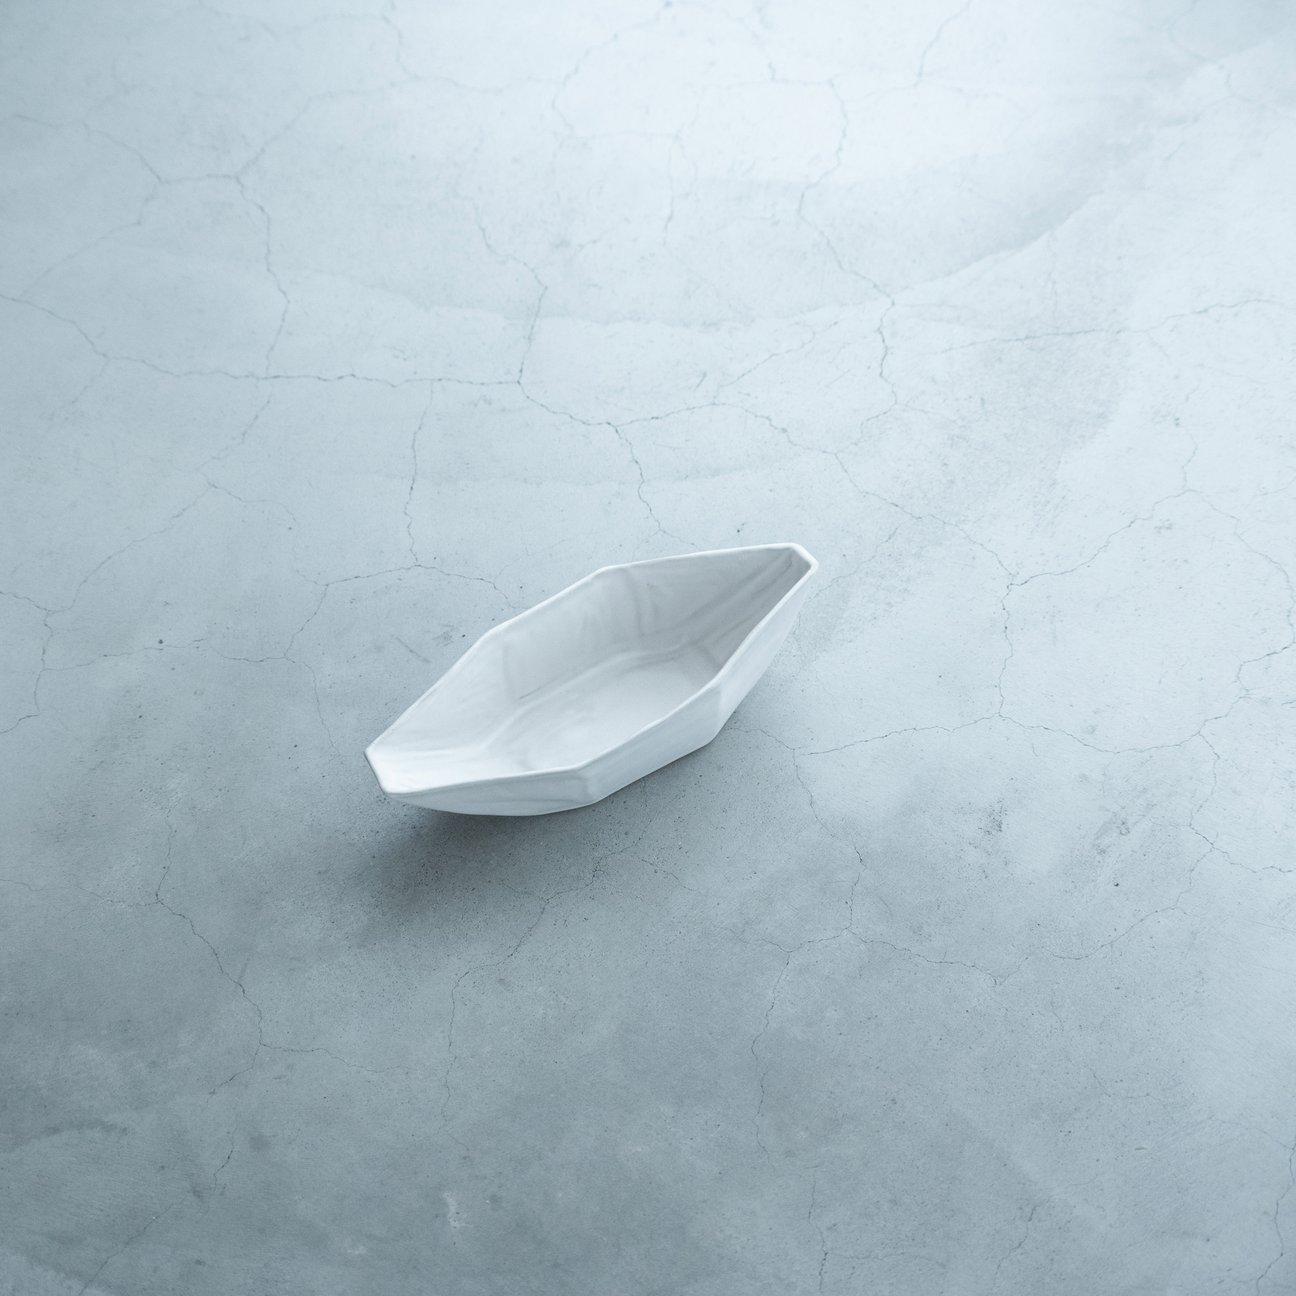 オクトゴナル船形(白)